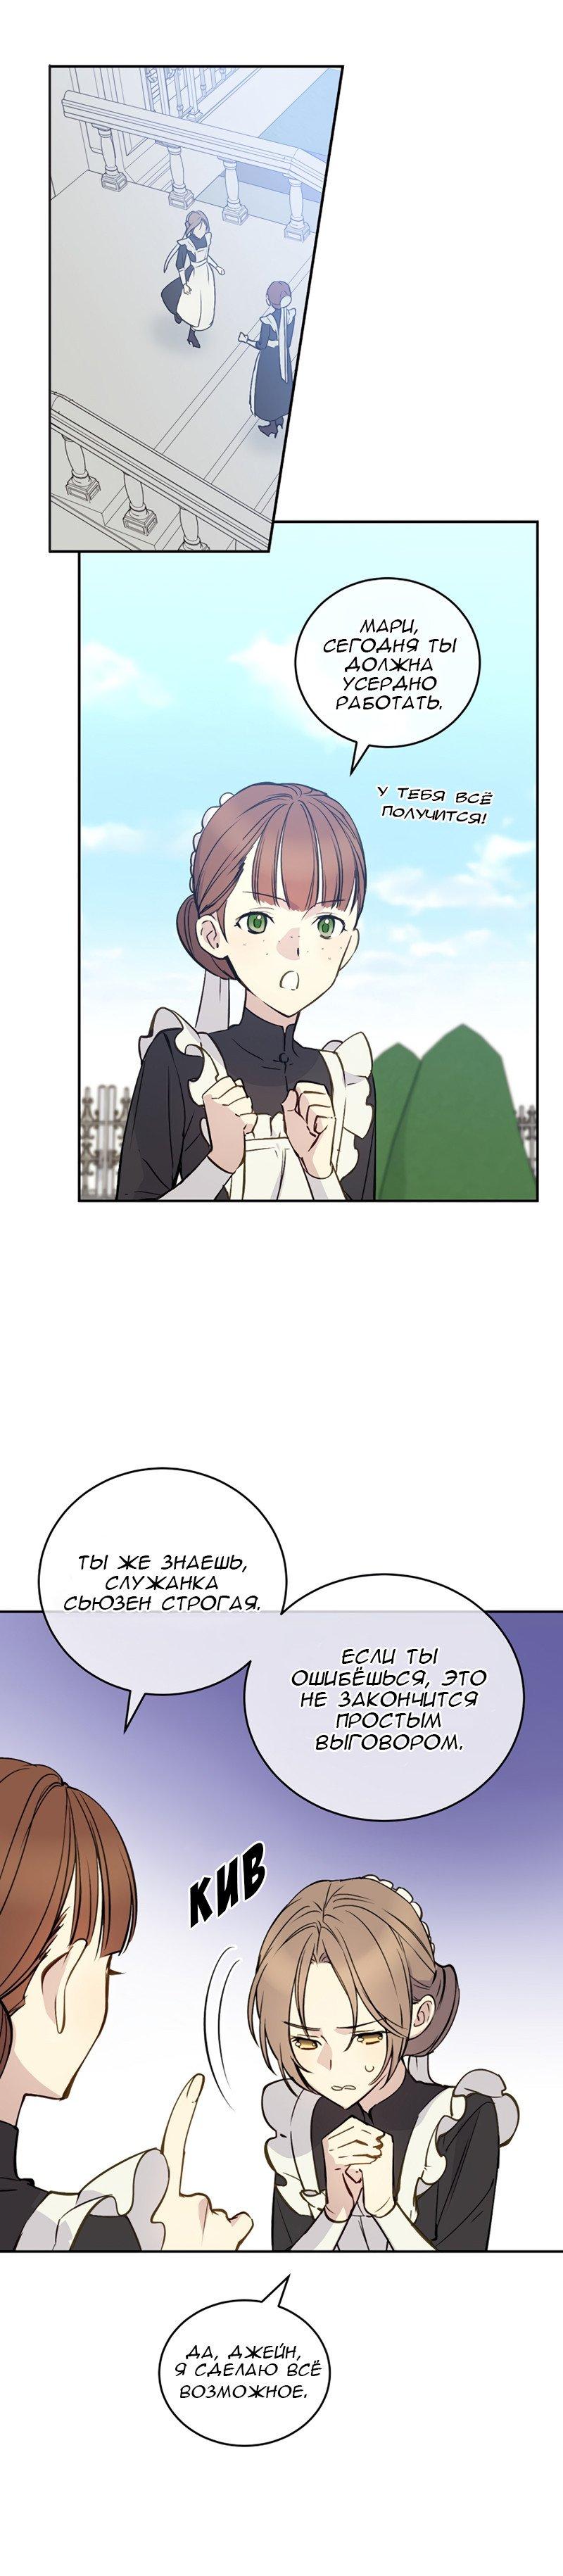 Манга Способная горничная / Capable maid  - Том 1 Глава 2 Страница 7